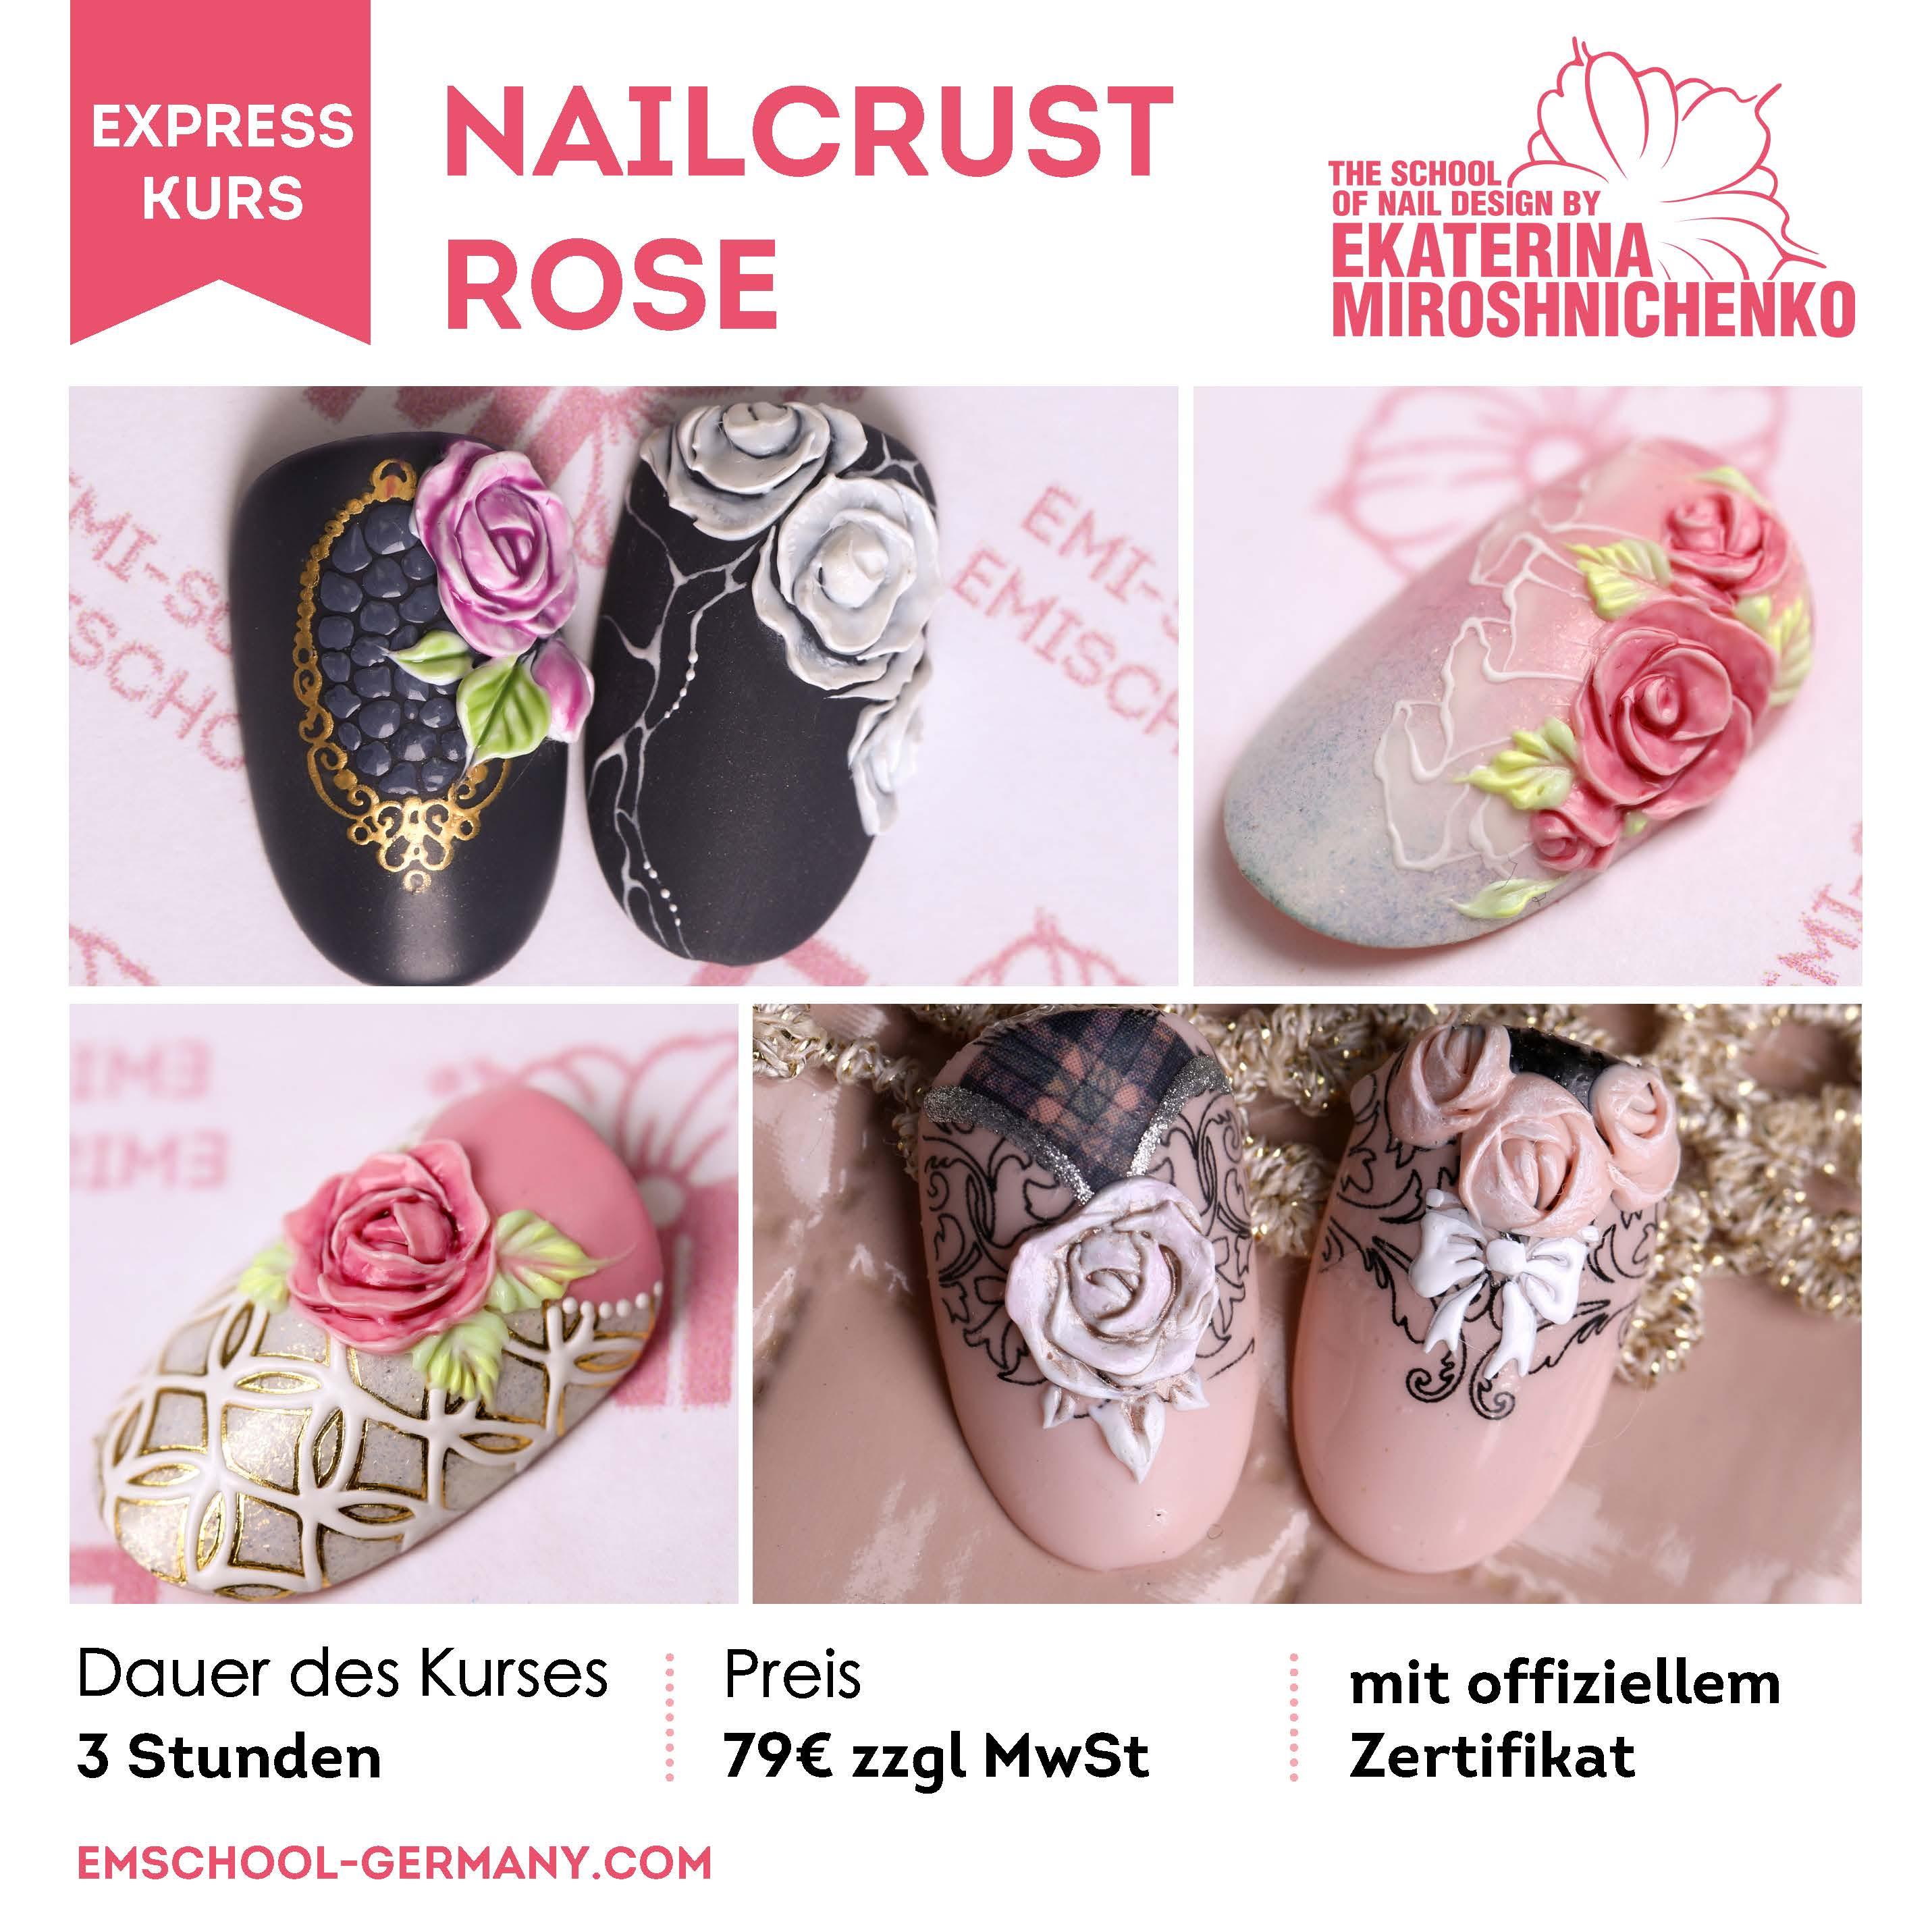 Nailcrust Rosen